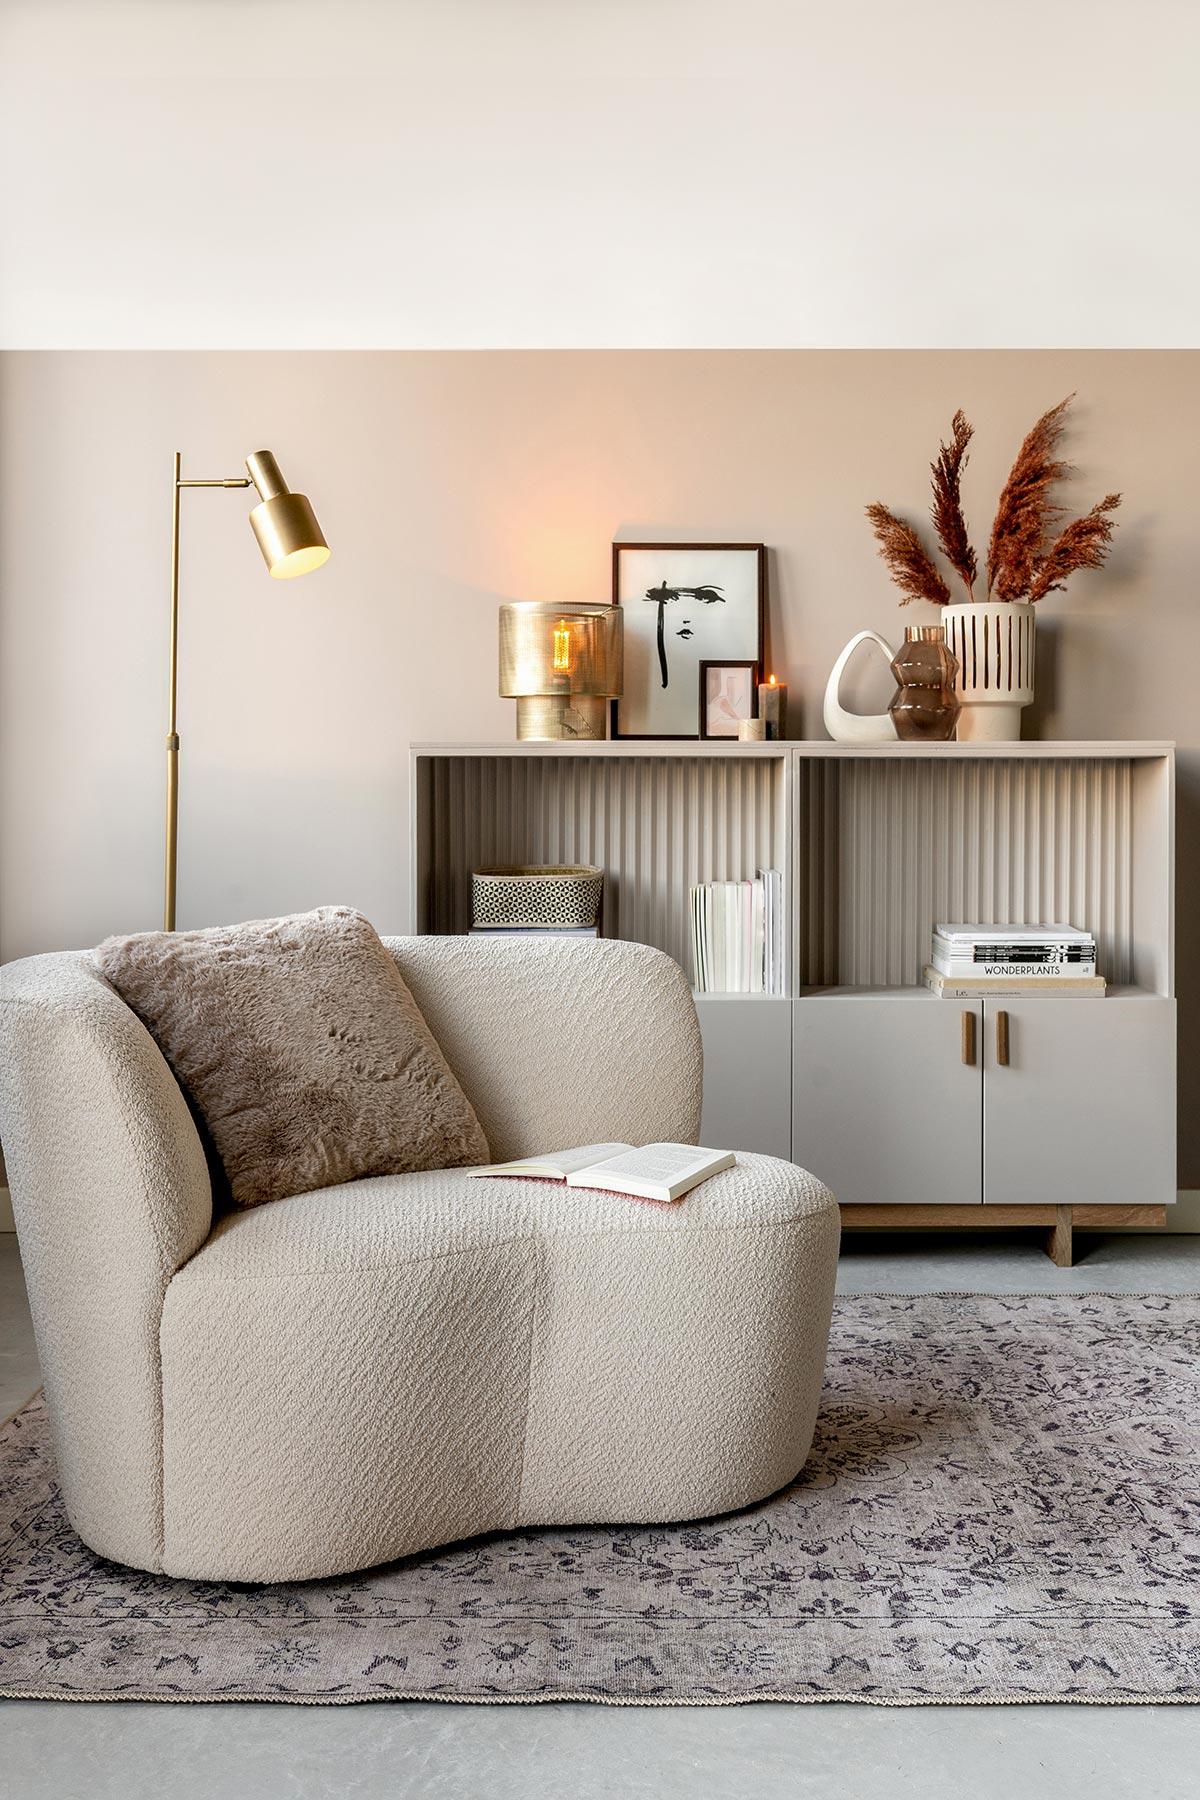 Teddy fauteuil stone karwei - Tanja van Hoogdalem